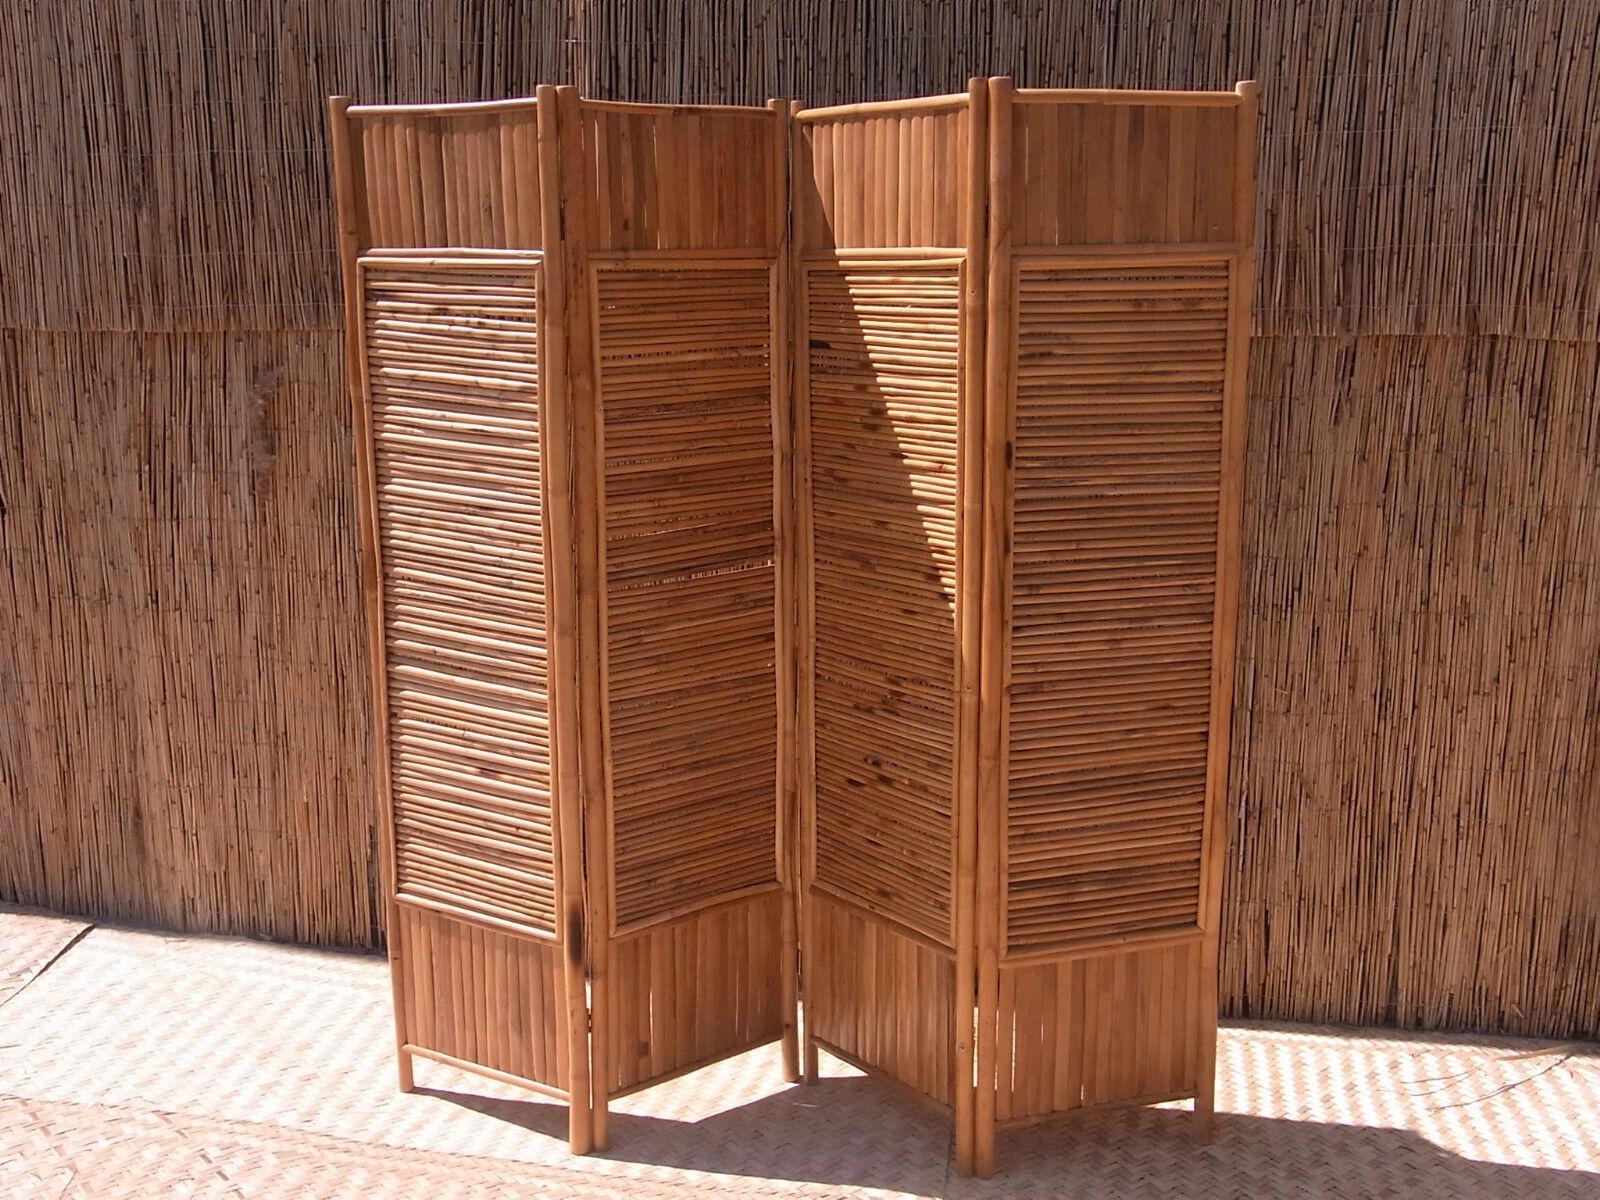 Bambusparavent spanische Wand Paravent Raumteiler Sichtschutz Sichtschutzwand 2